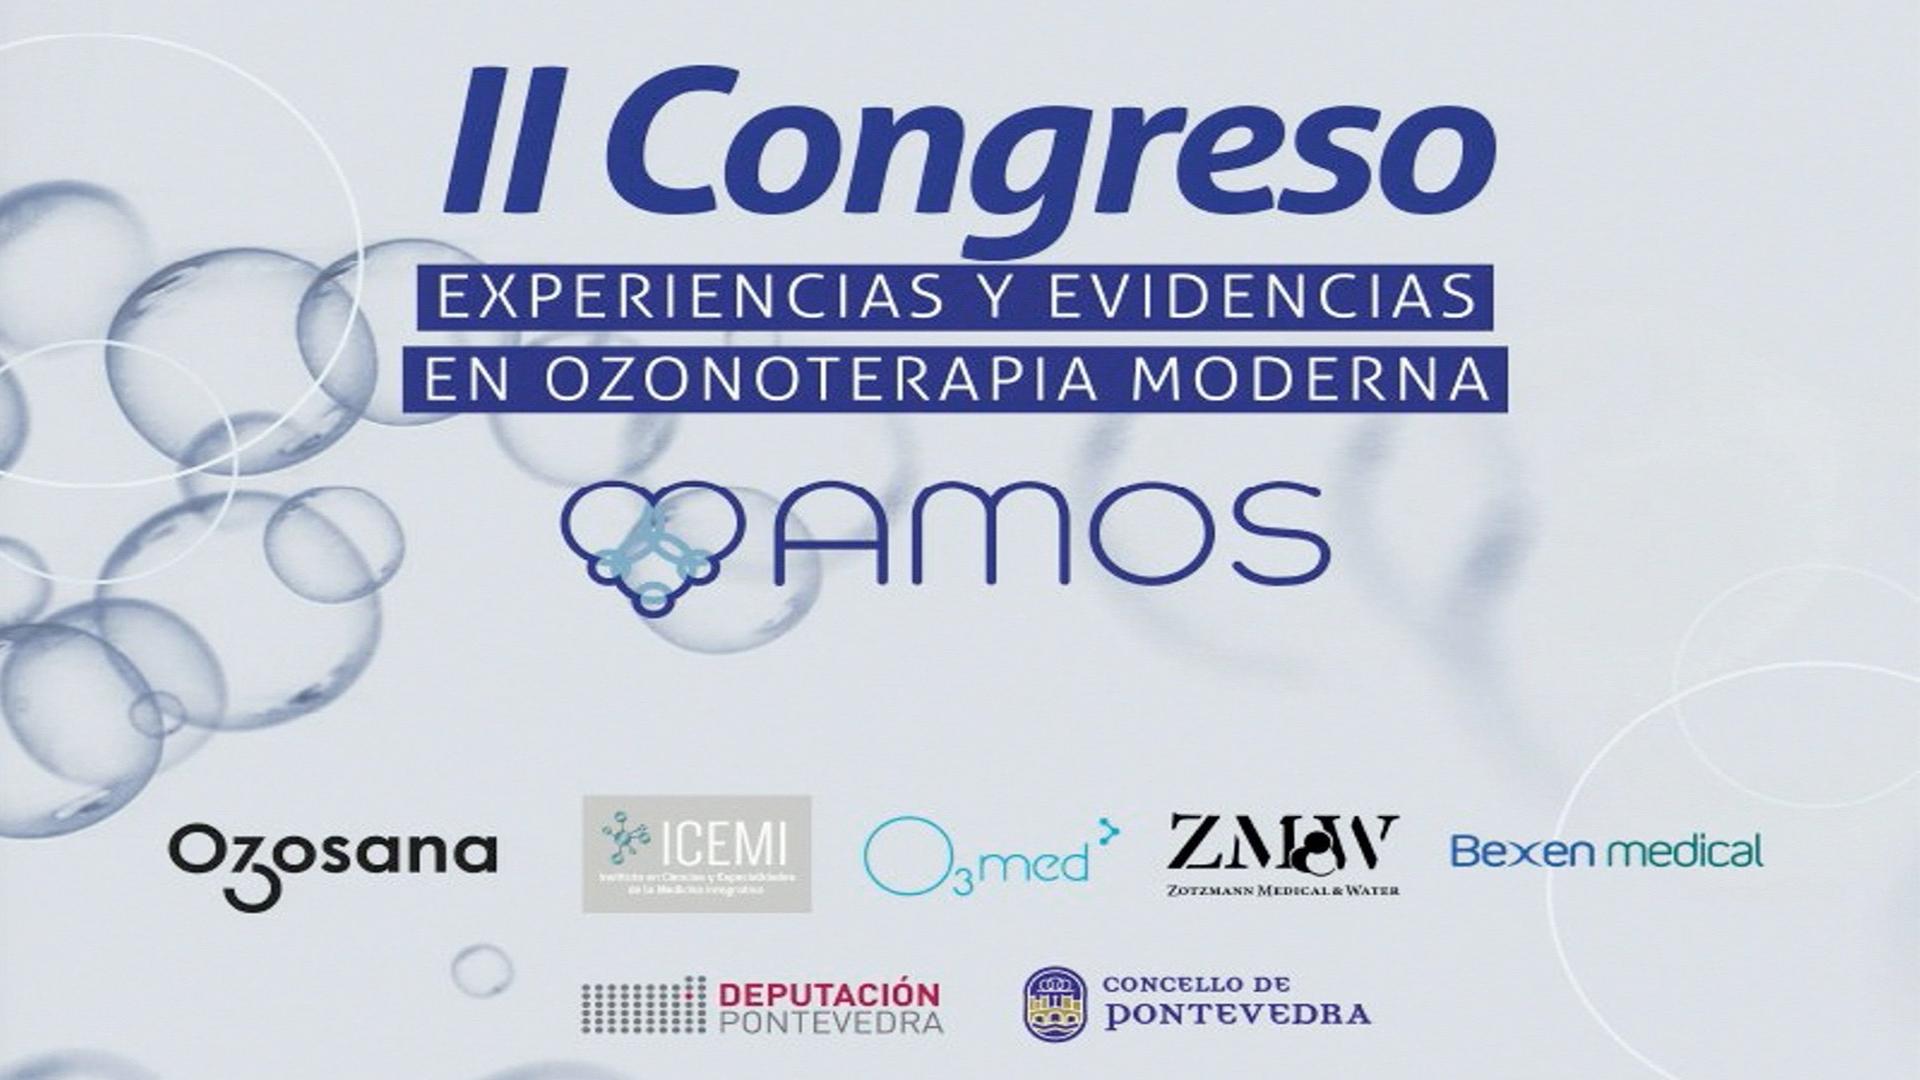 II Congreso Internacional de Ozonoterapia